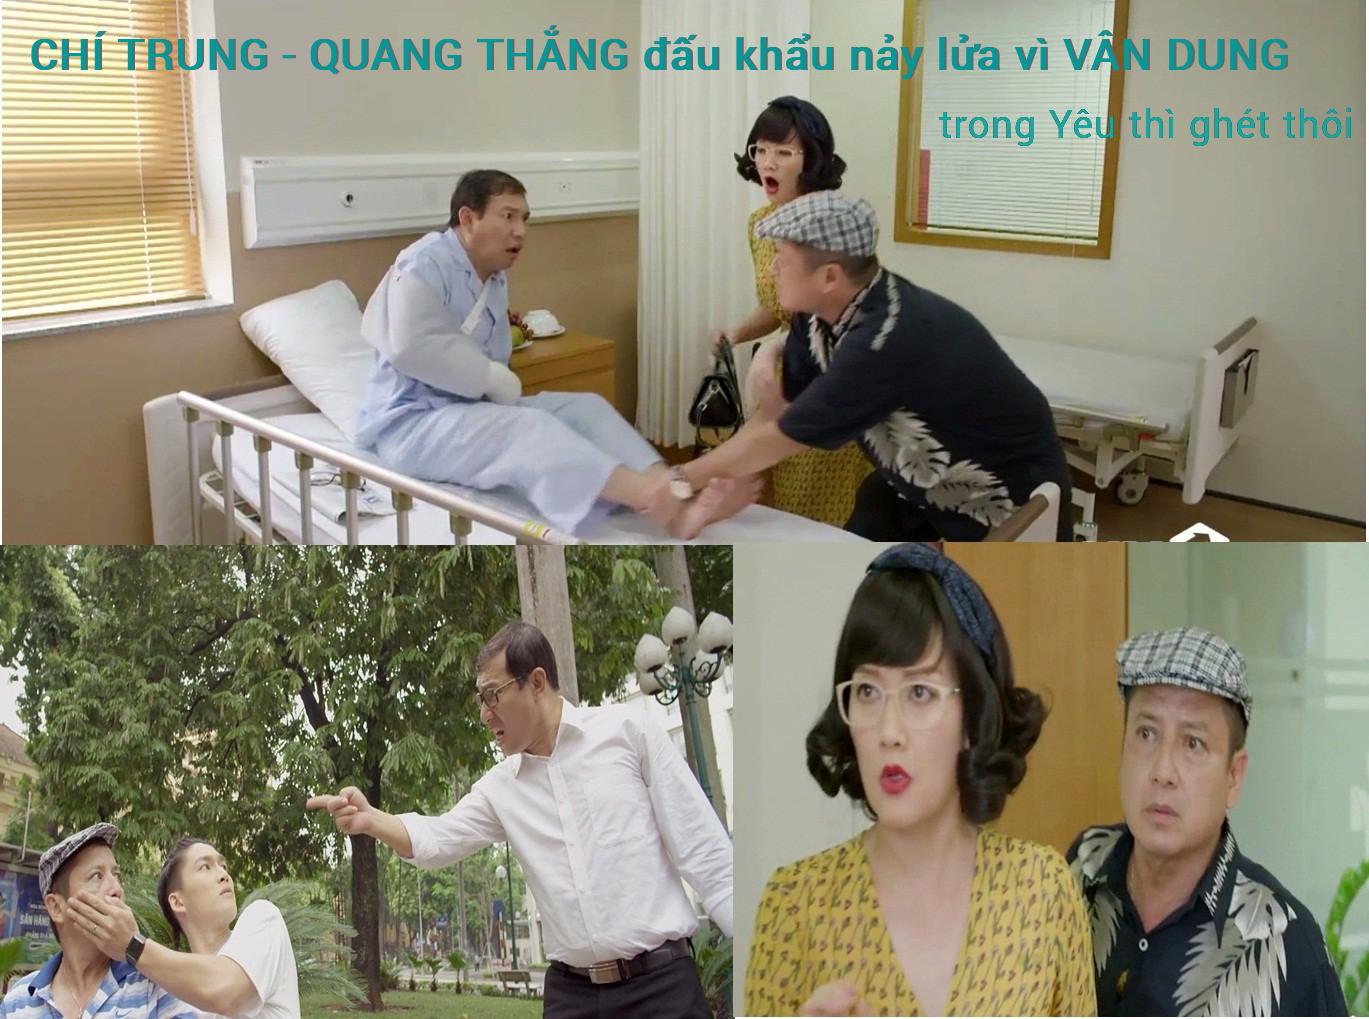 """Bộ ba Vân Dung, Chí Trung, Quang Thắng: Ấn tượng khó phai từ """"Táo quân"""" đến """"Yêu thì ghét thôi"""" - Ảnh 6."""